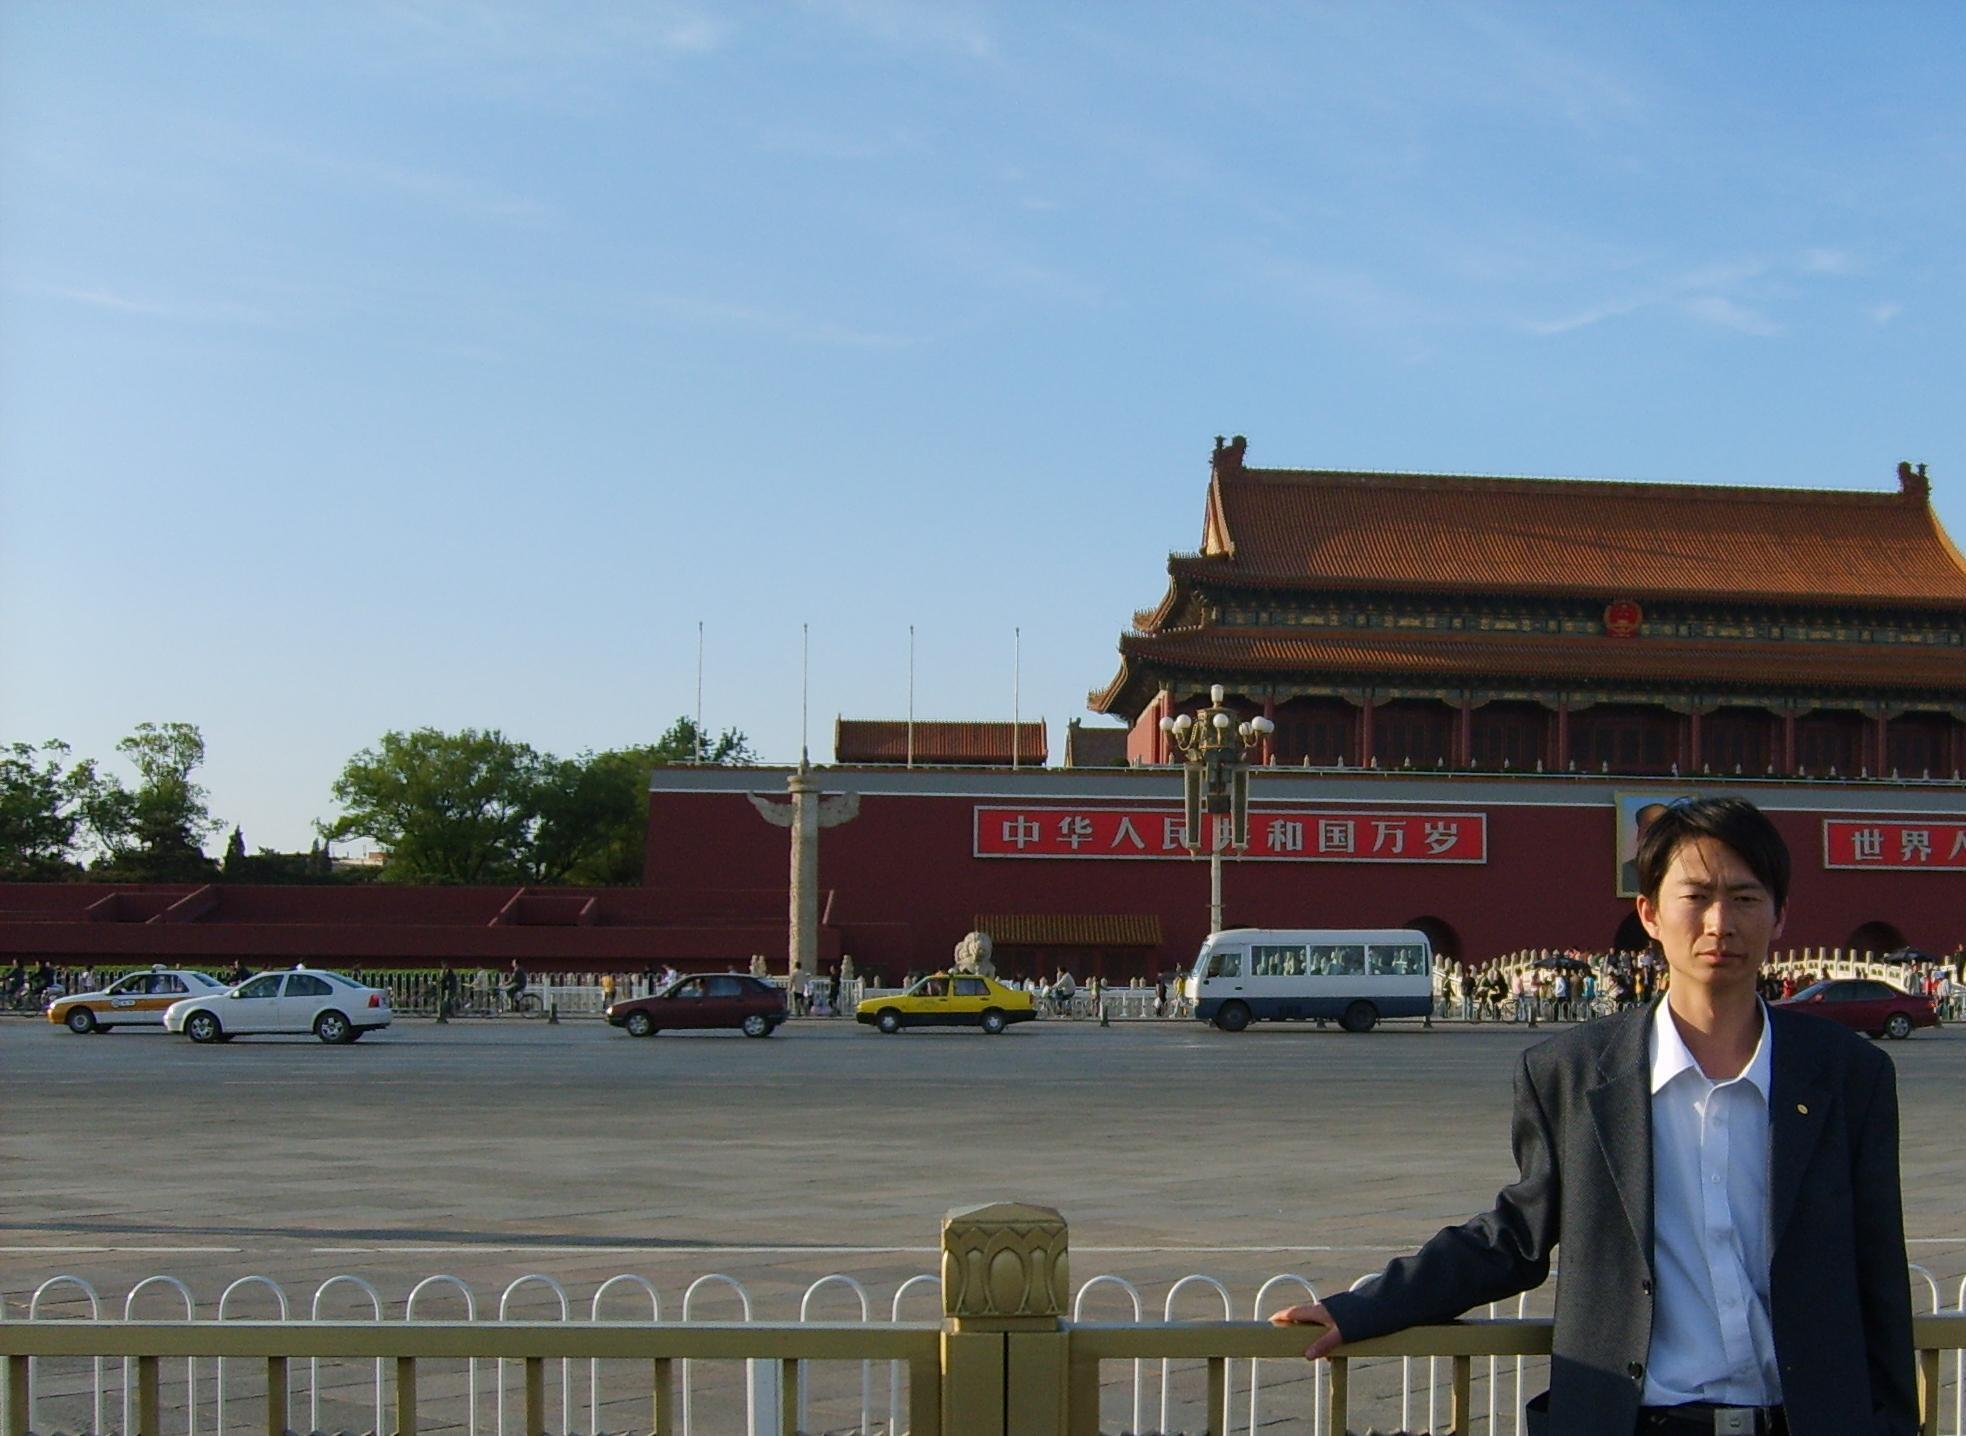 北京出差-工控博客